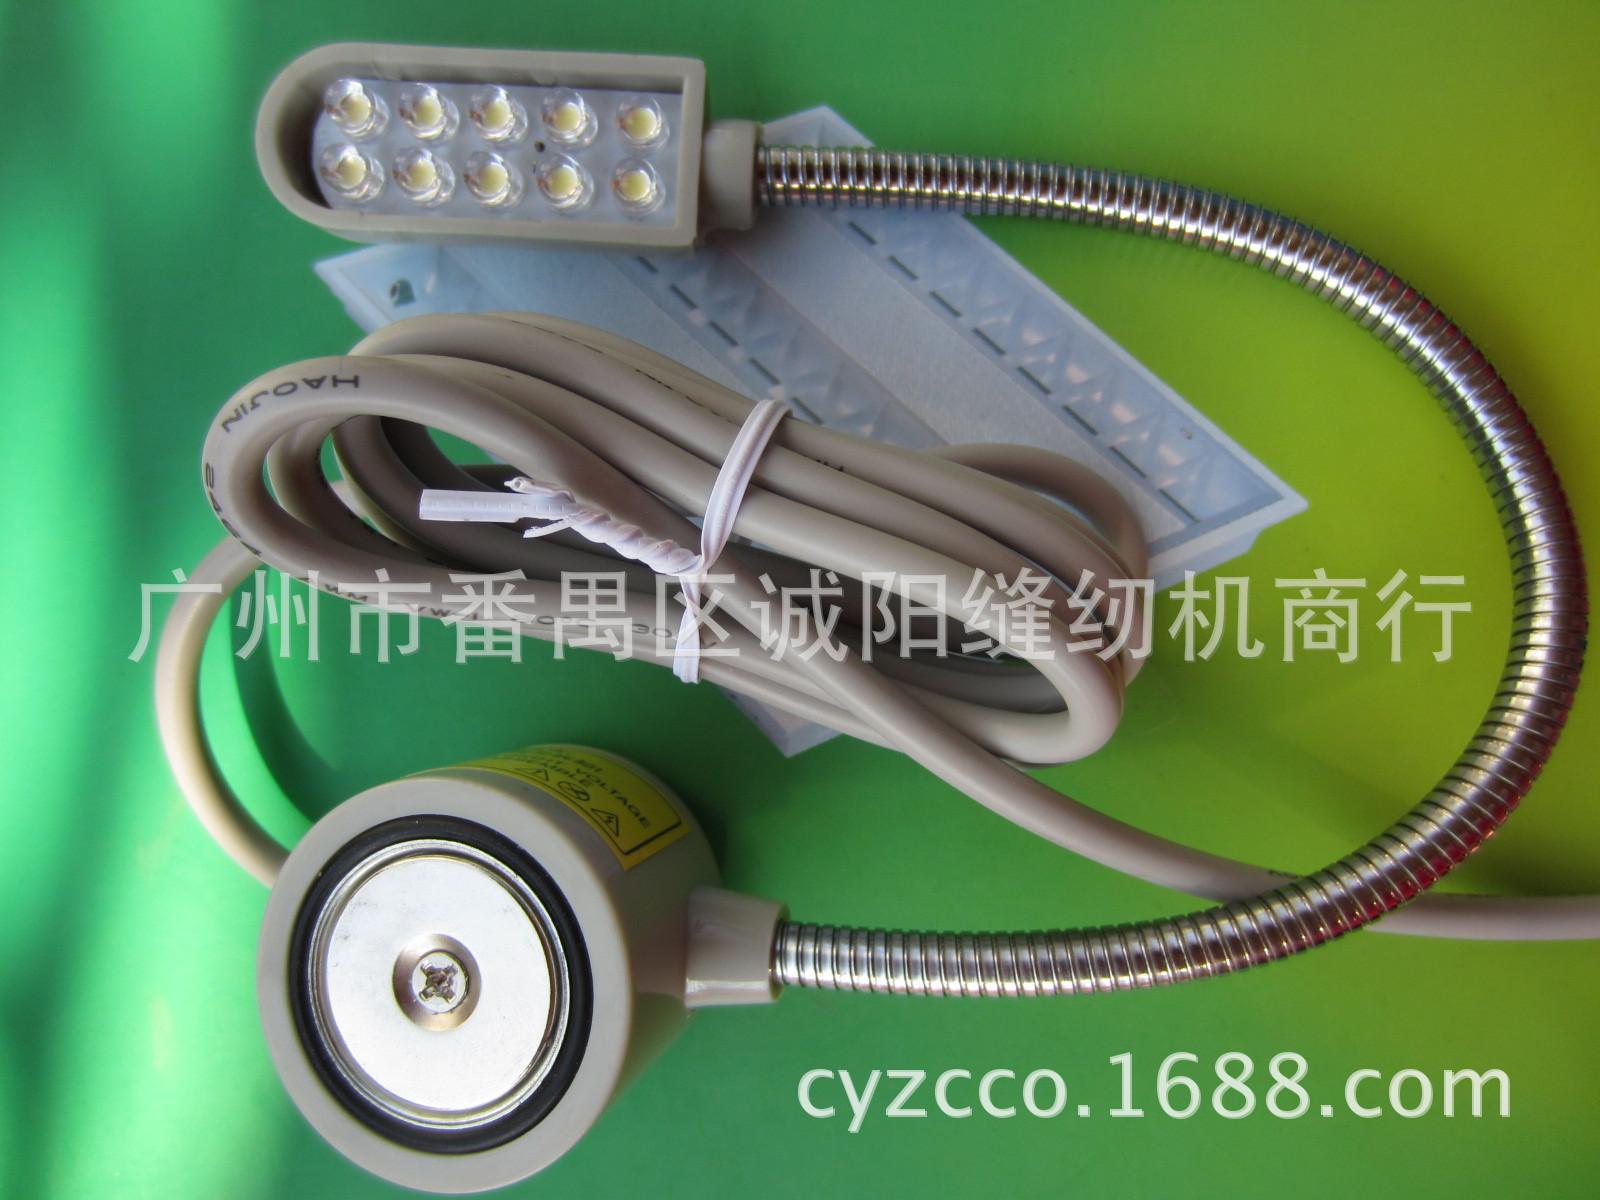 缝纫机LED工作灯 缝纫衣车灯 服装厂鞋厂等